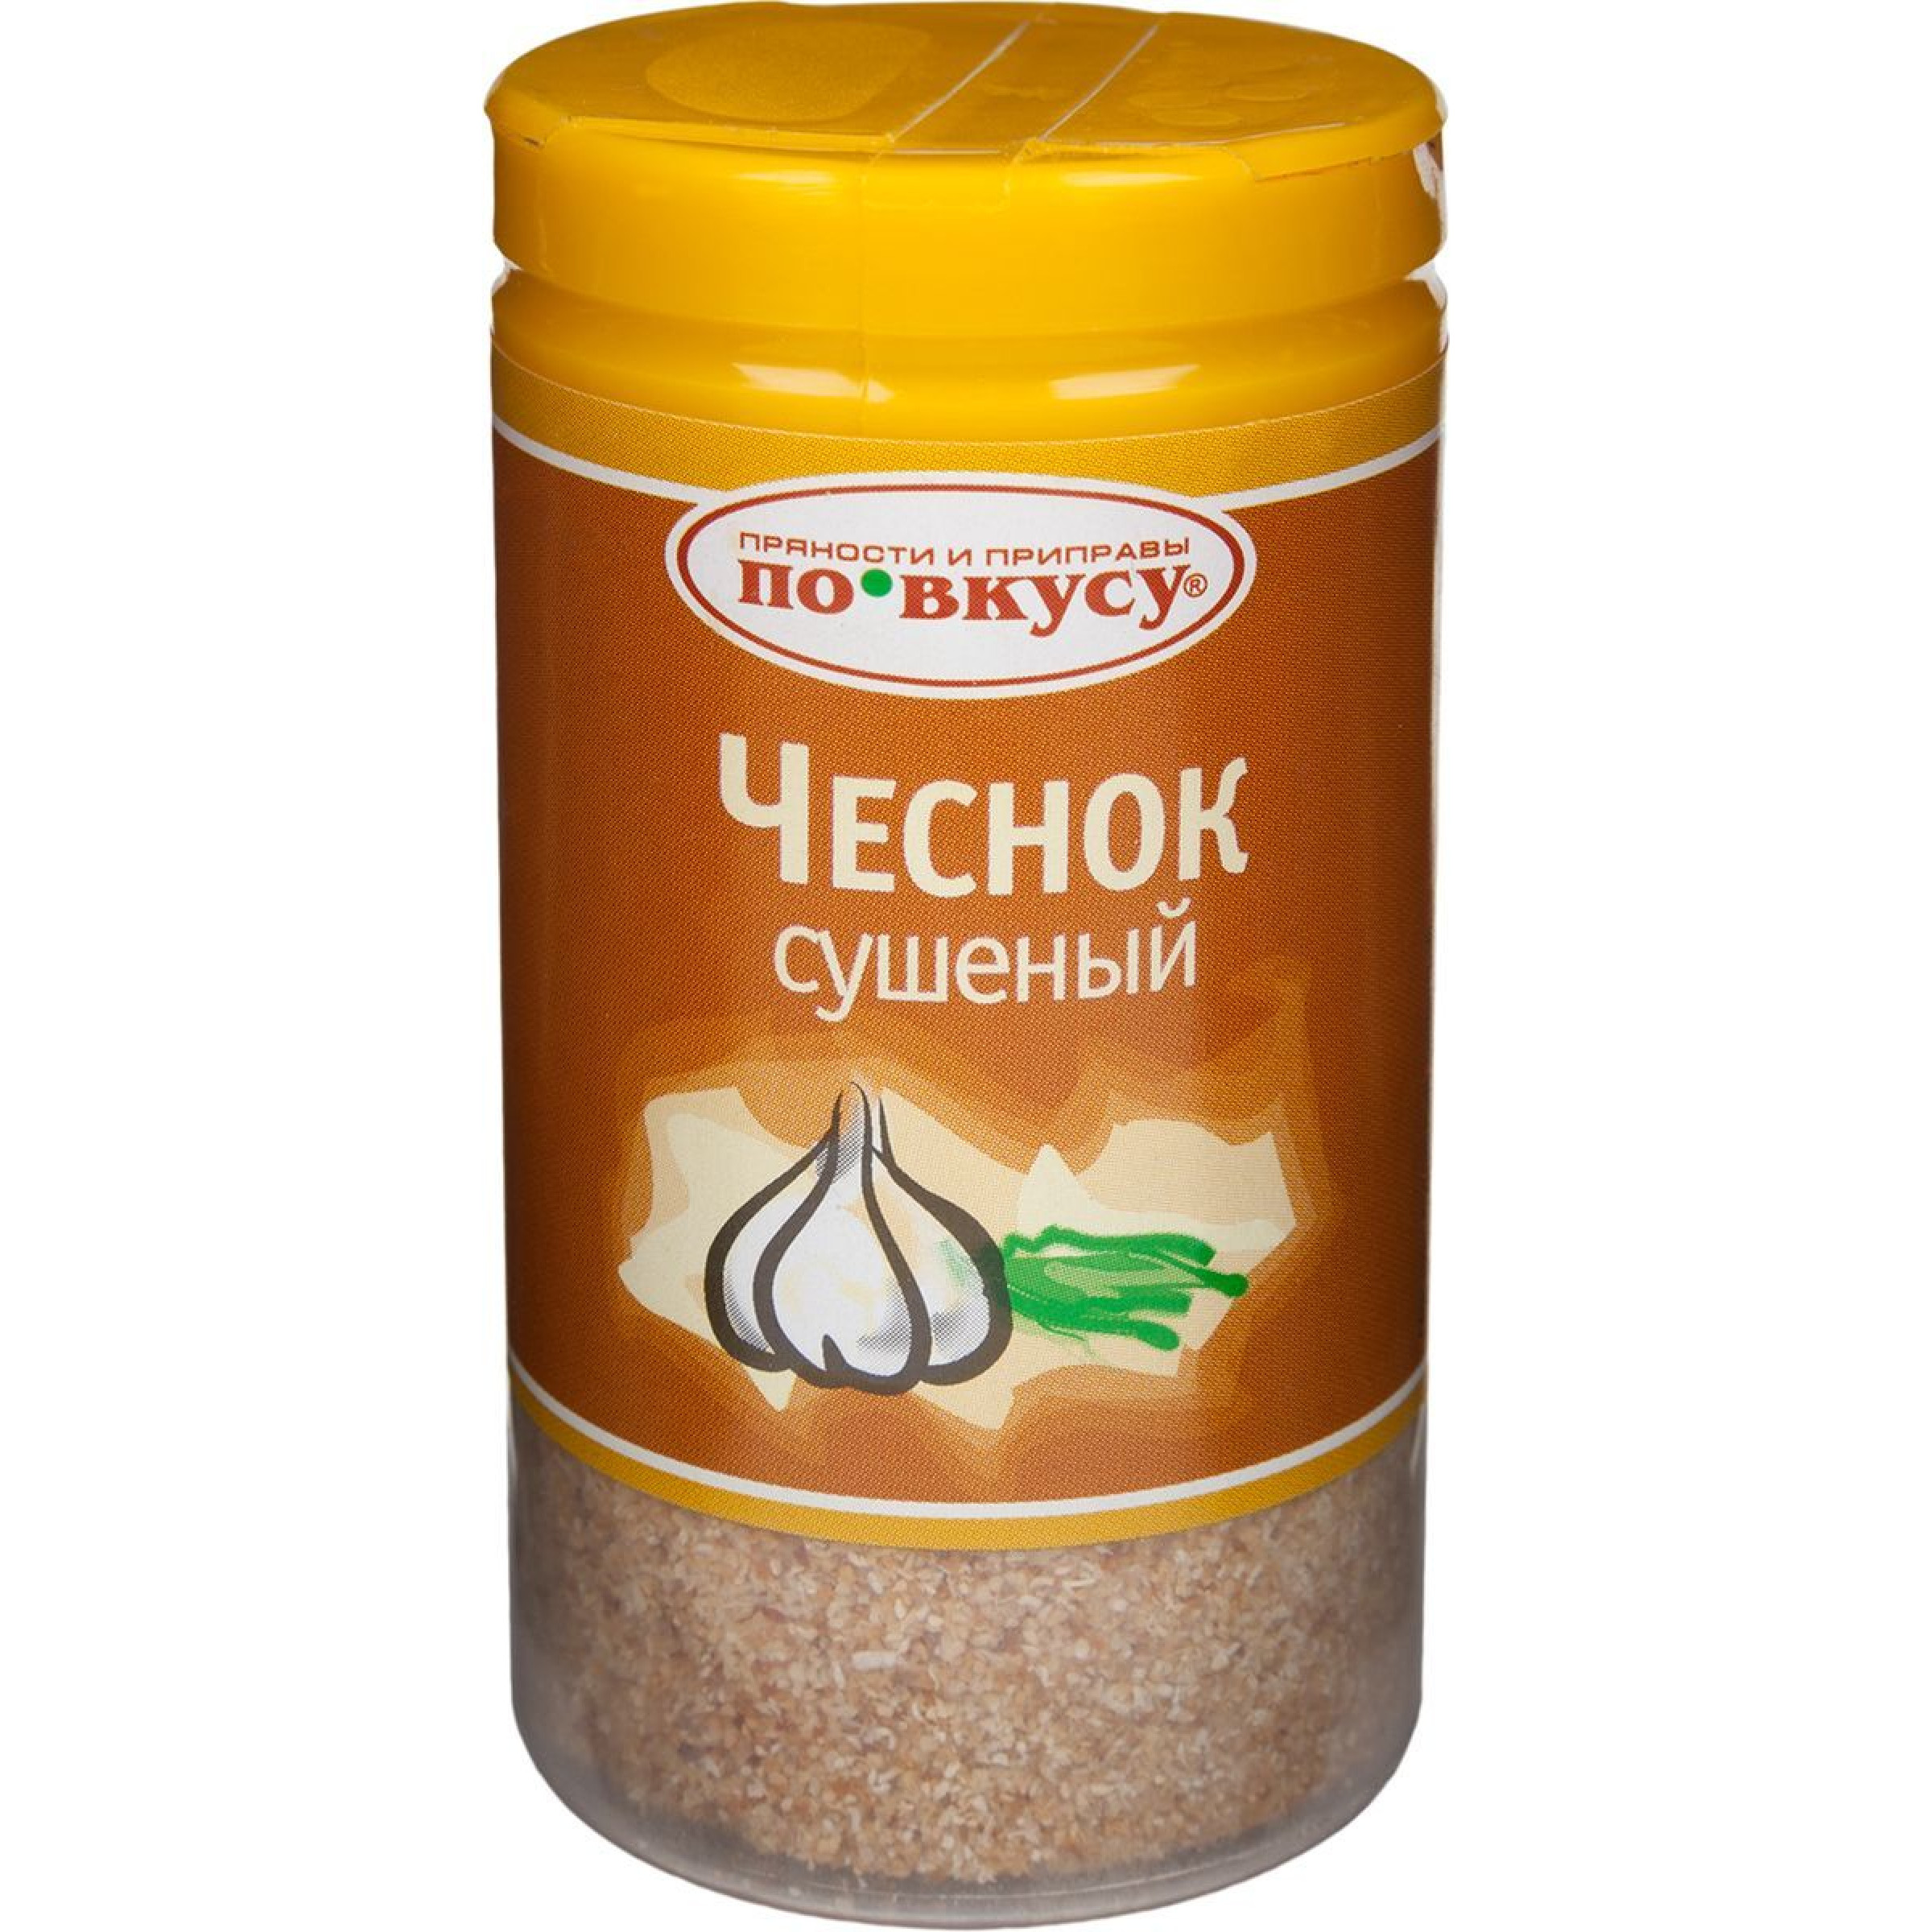 Чеснок сушеный молотый «По вкусу», 35 г